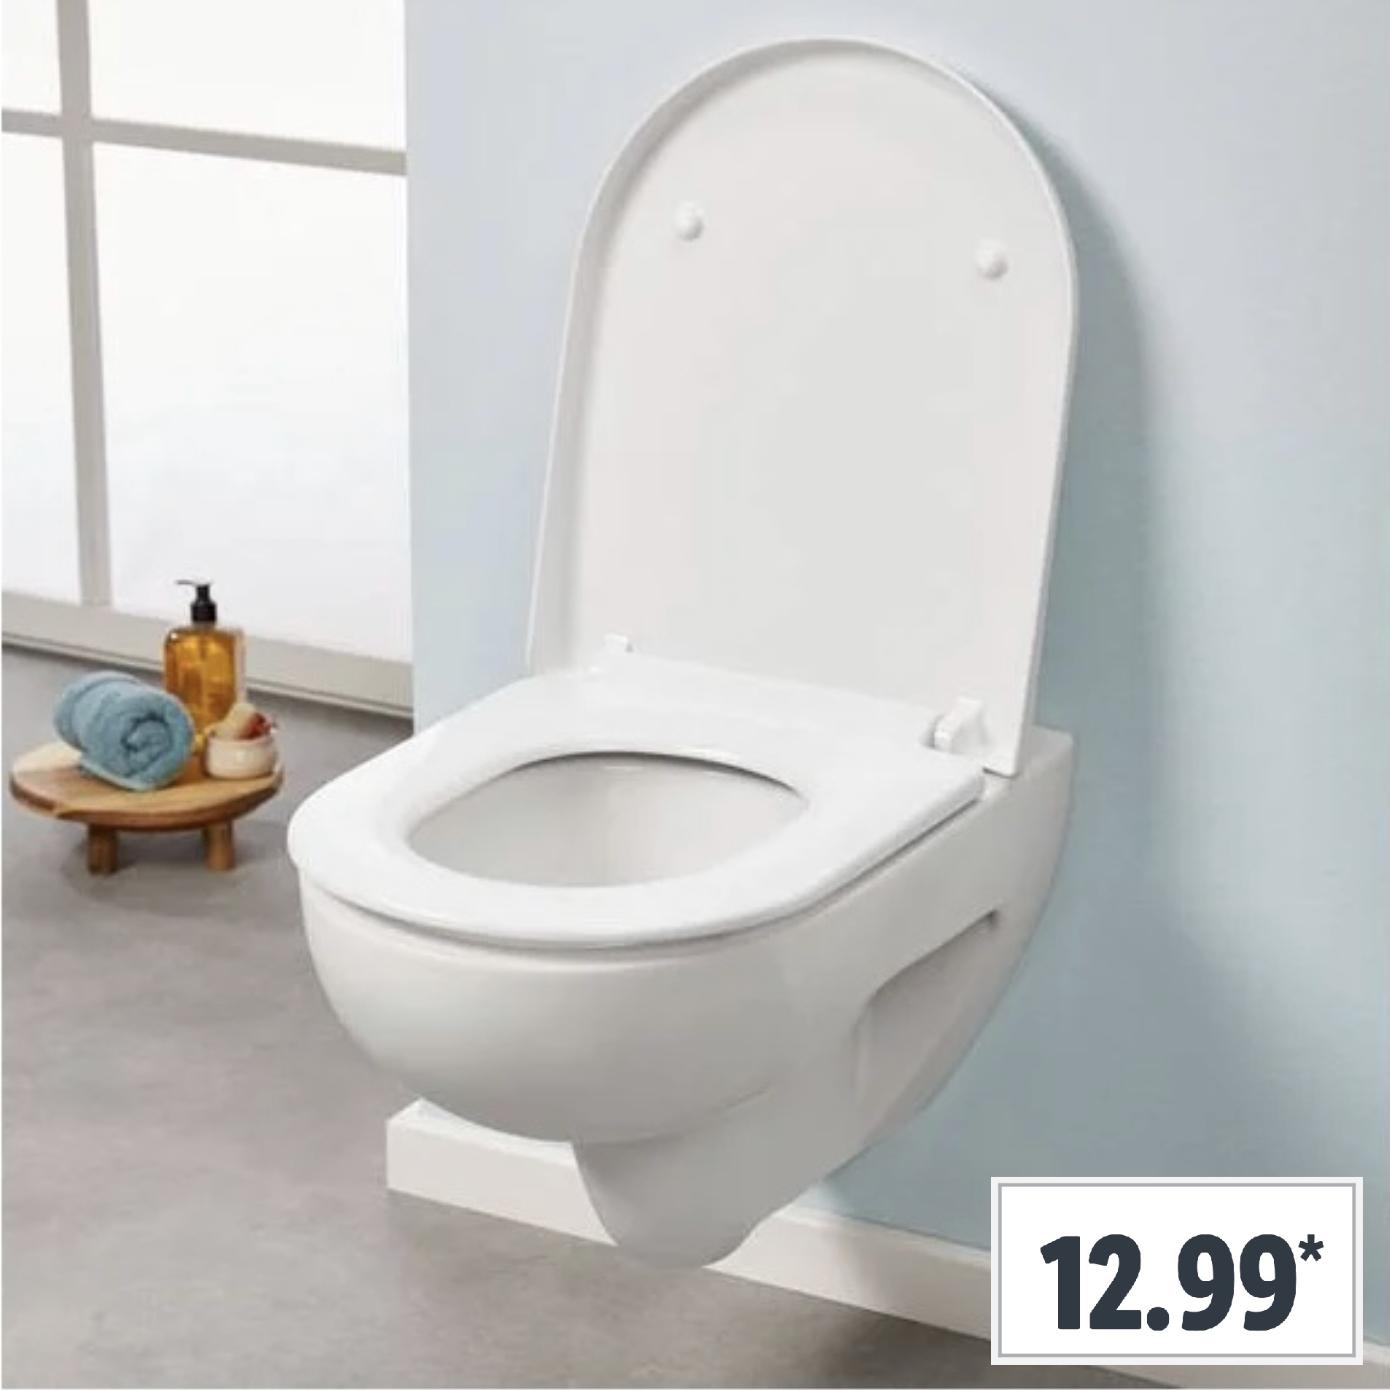 MIOMARE WC-Sitz mit geräuschloser Absenkautomatik moderne D-Form oder Oval mit Edelstahlscharnieren u. Quick-Release-Funktion für 12,99€